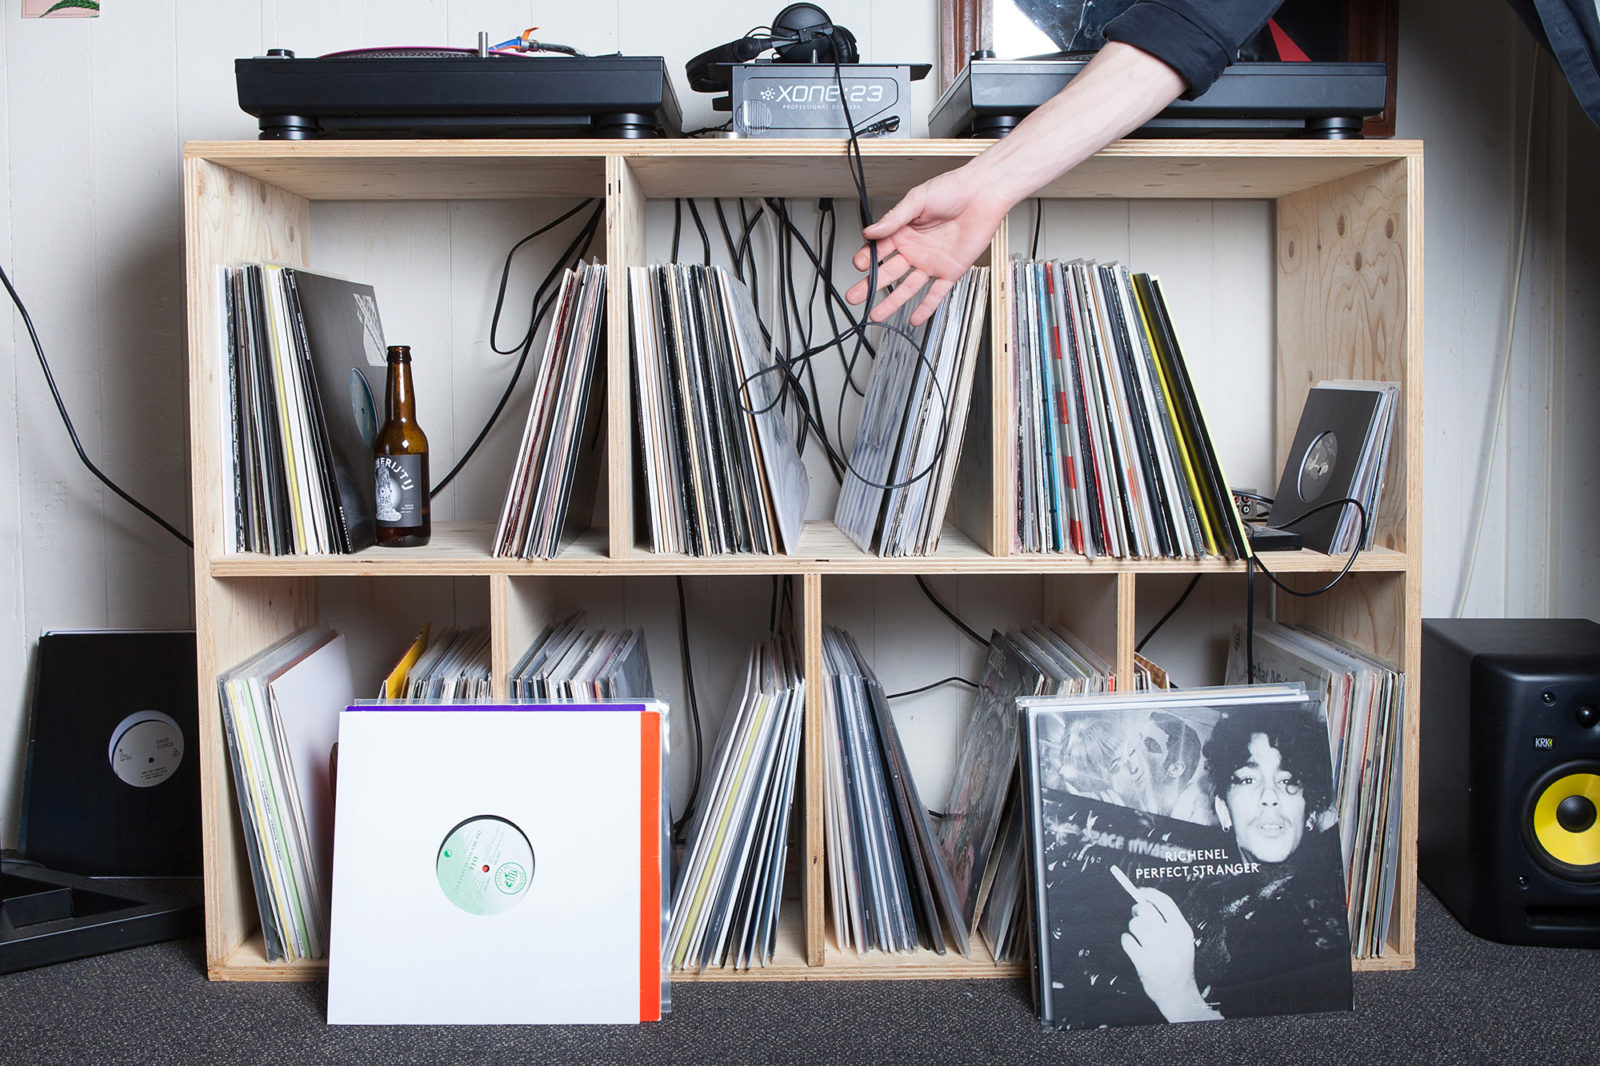 Lukas-Ries-vinyl-Geisje-van-der-Linden